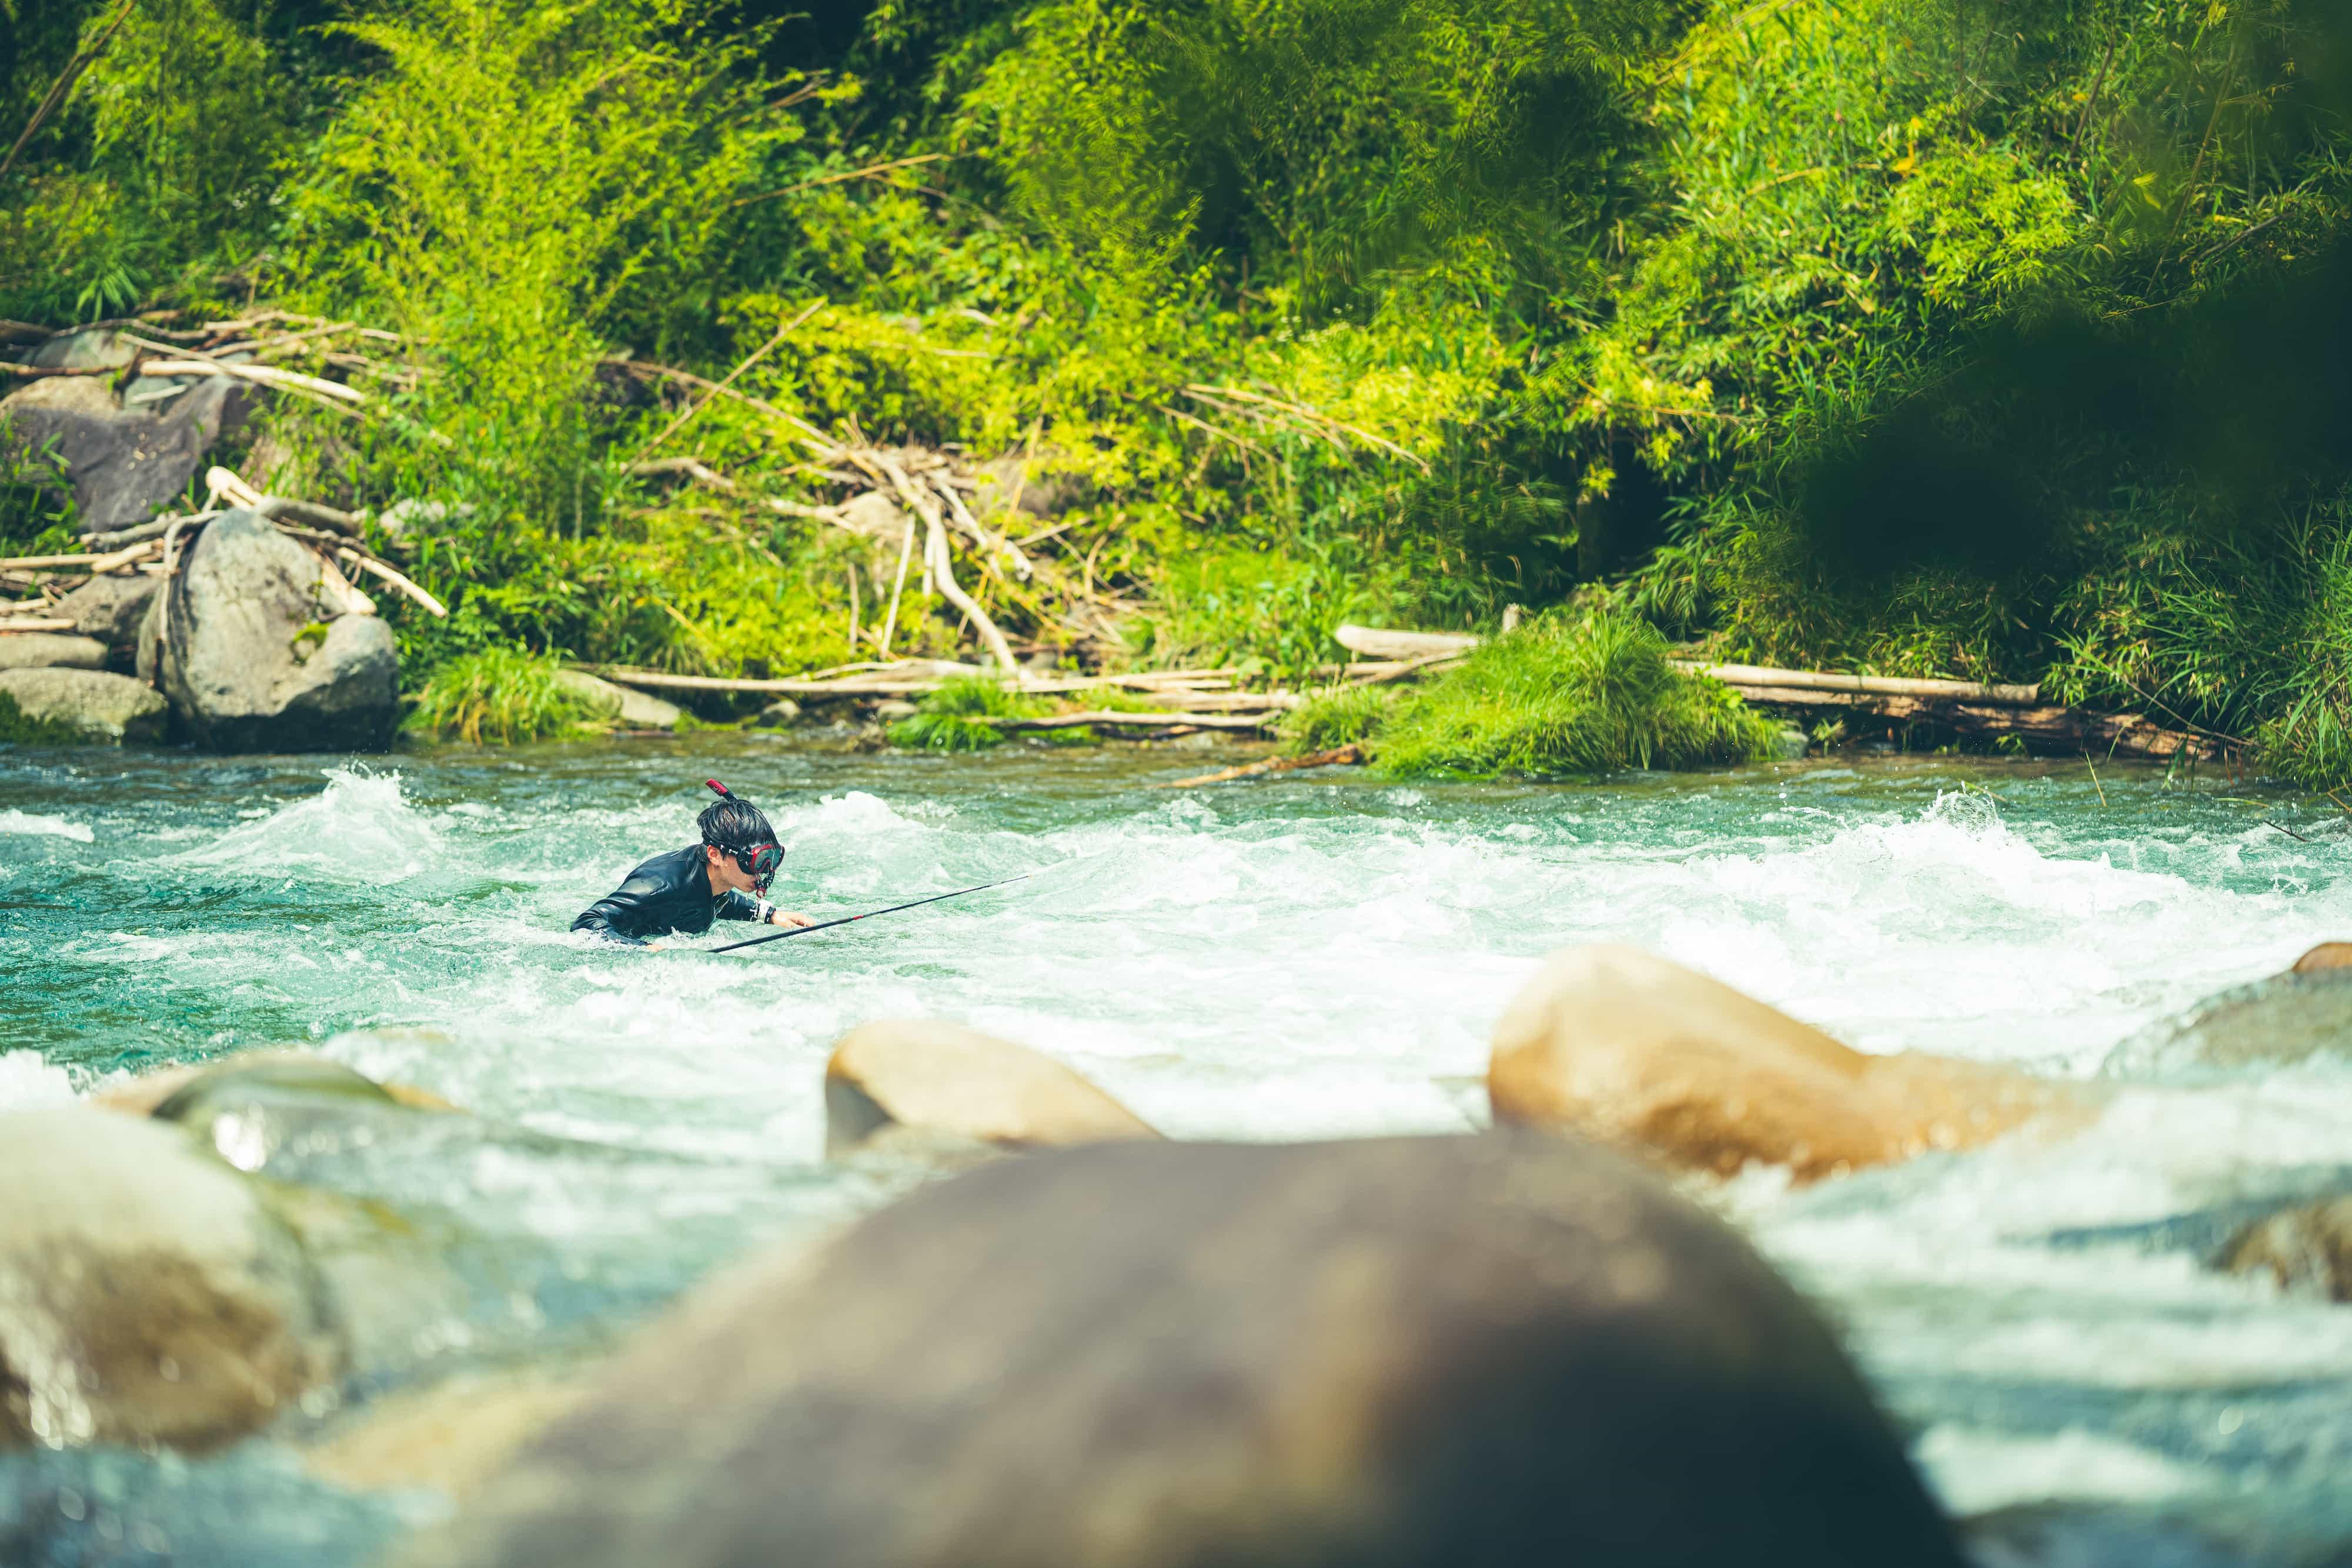 川を泳いでいる男性